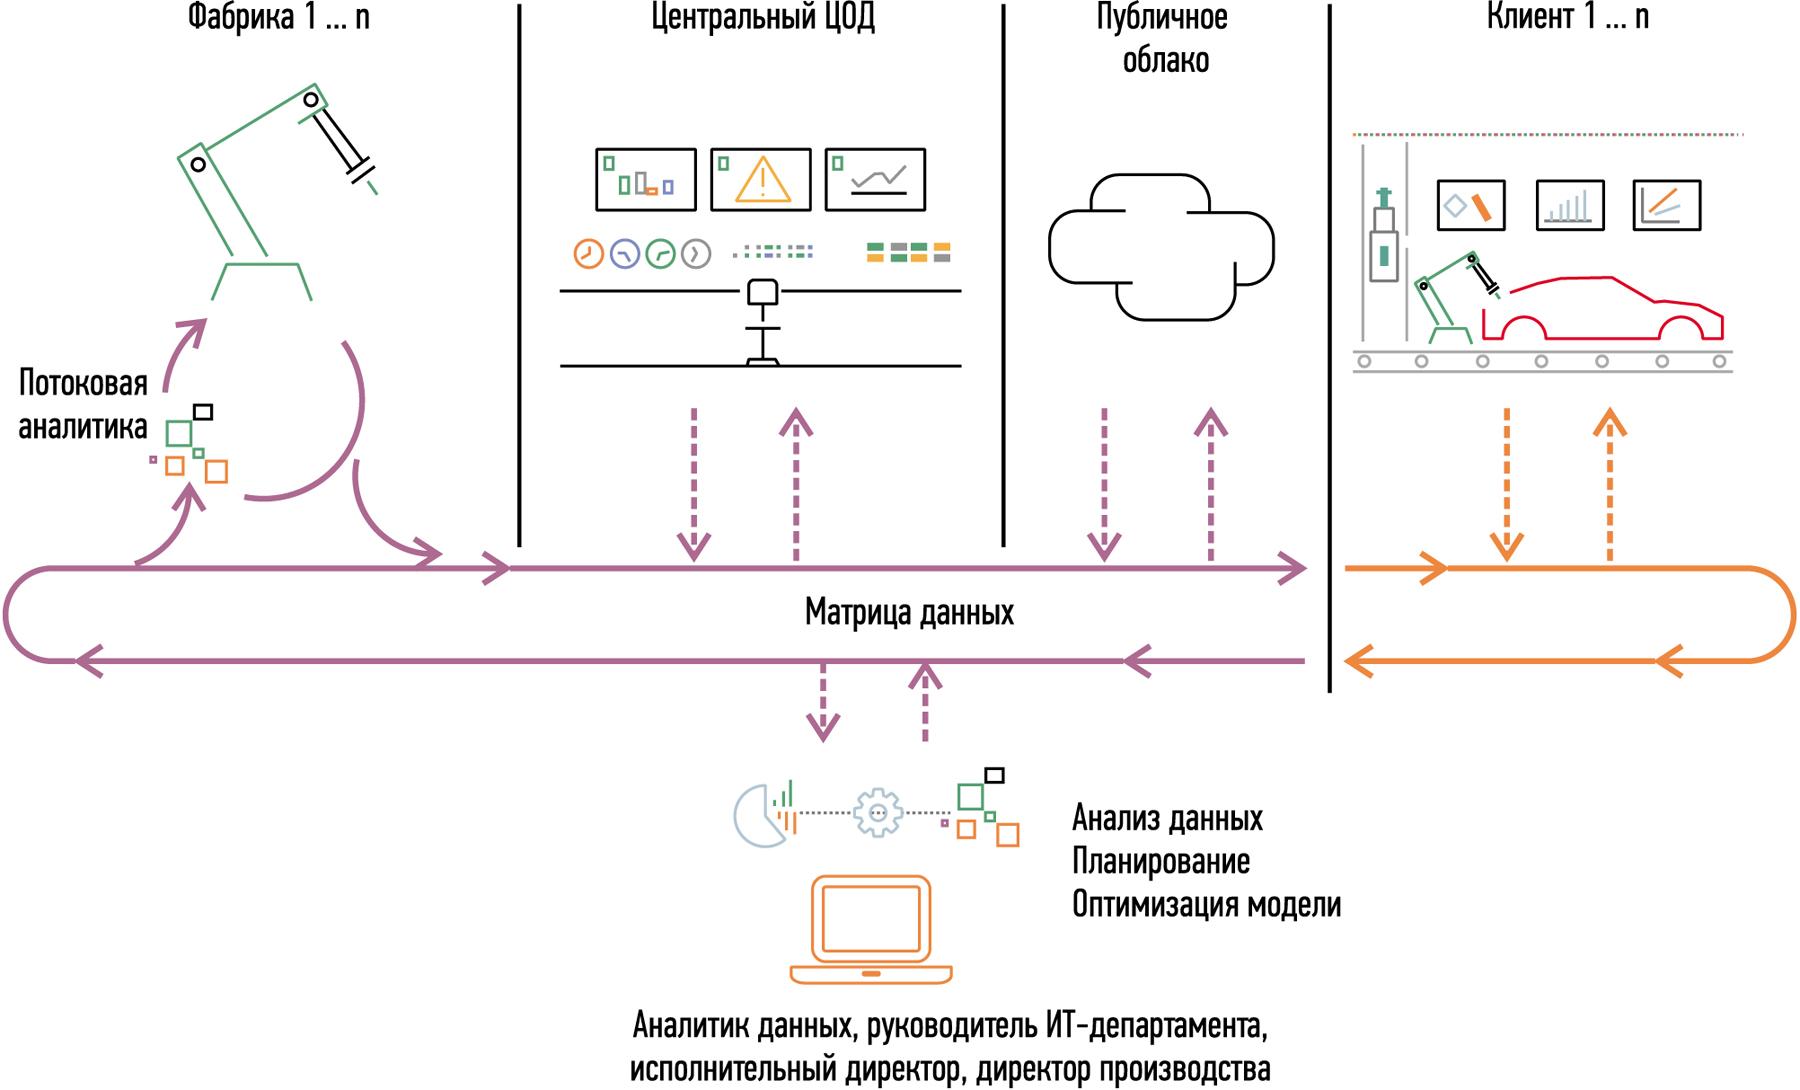 Матрица данных поможет справиться как с проблемой сложности, так и с проблемой зависимости